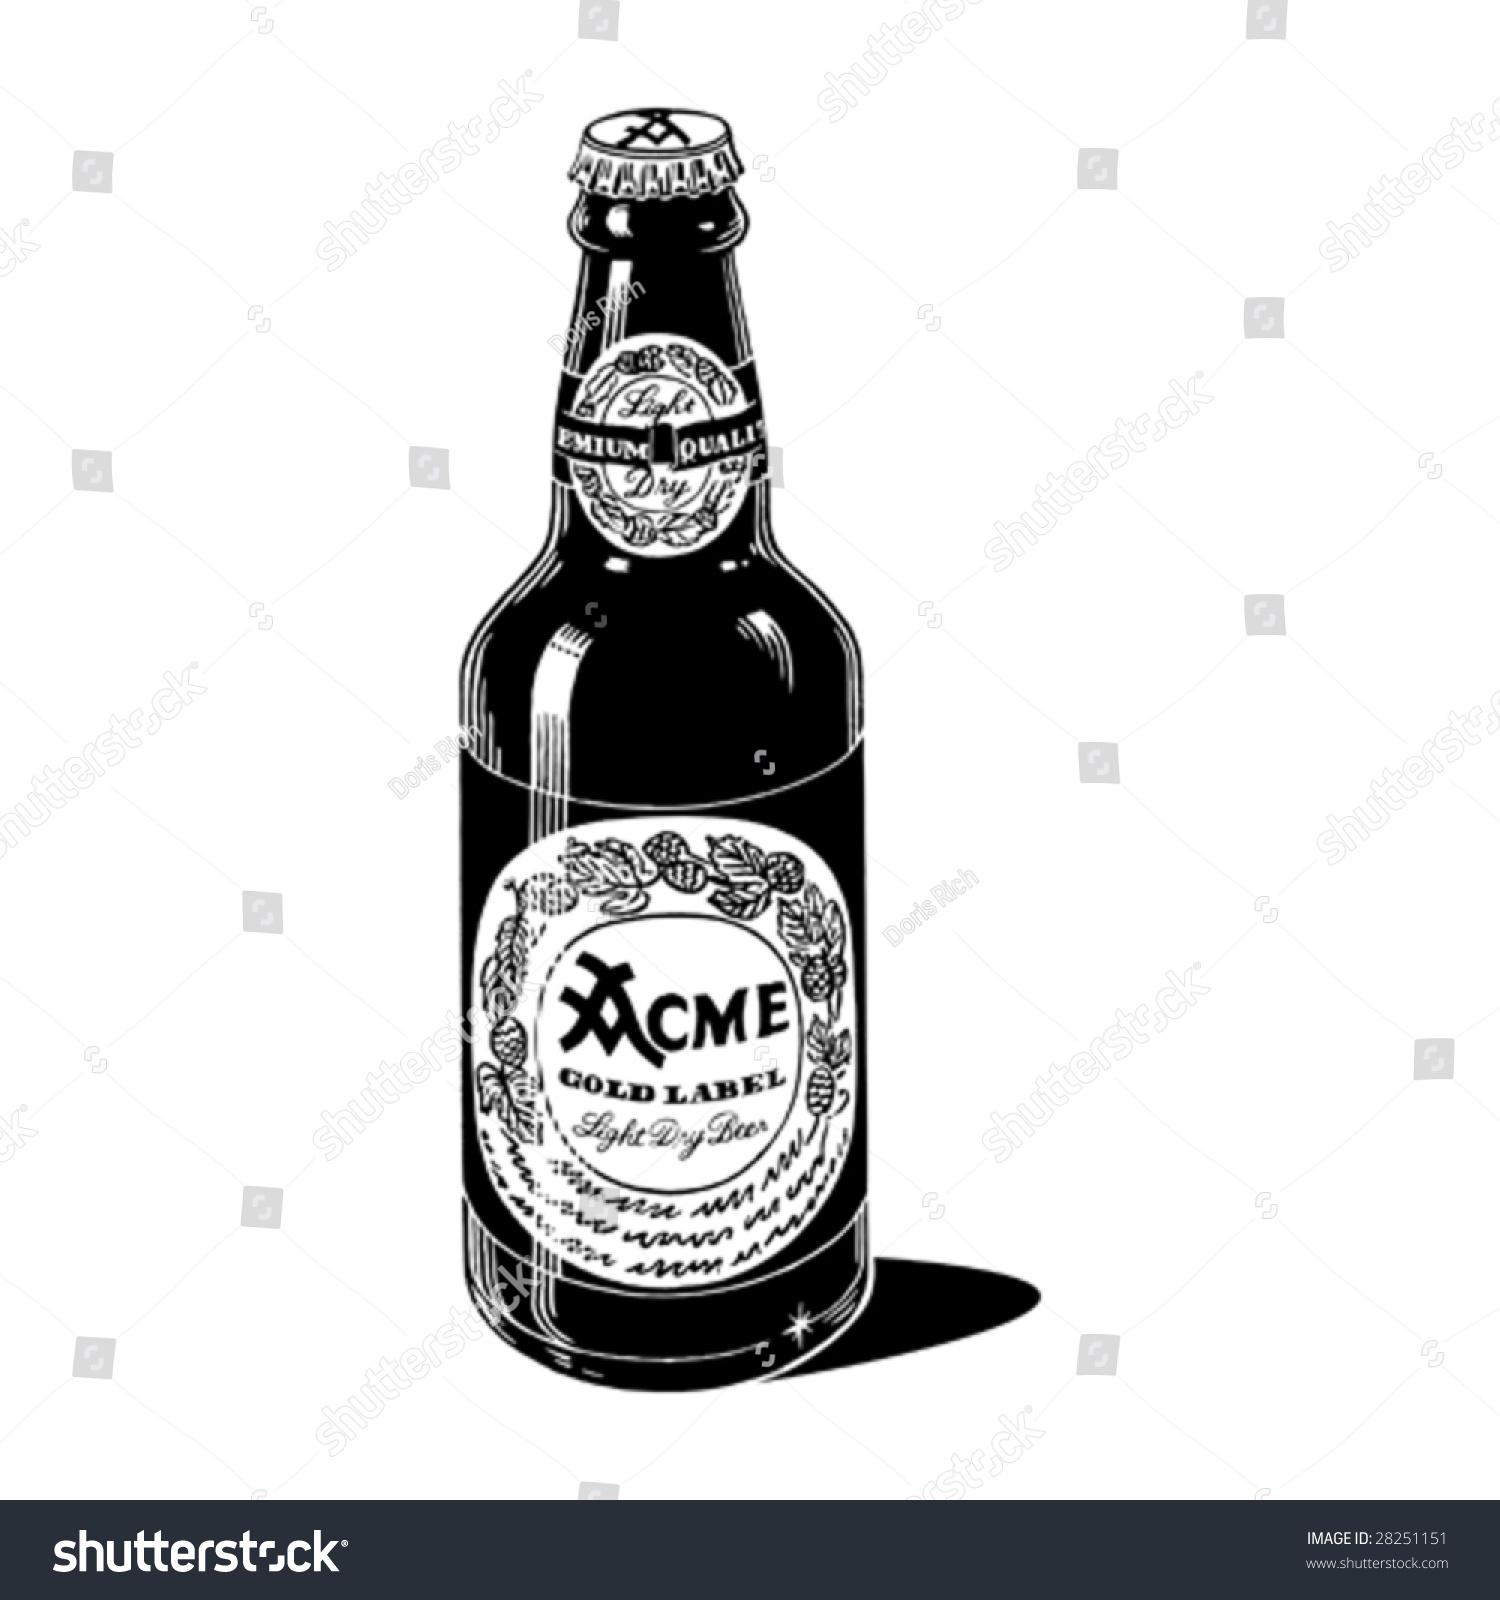 饮料瓶设计手绘图